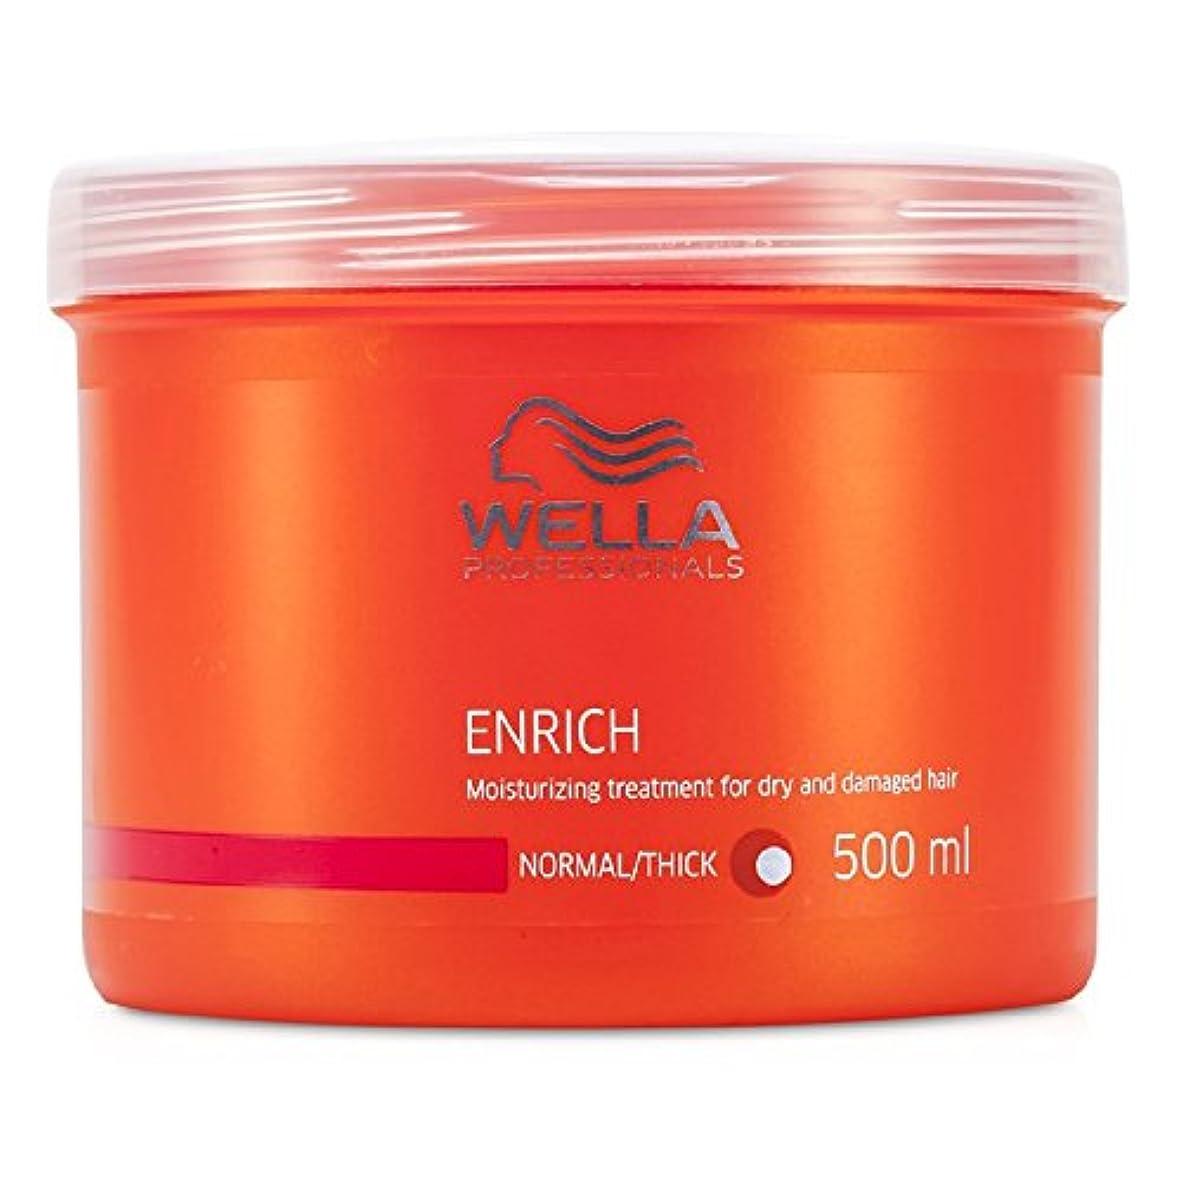 カレッジ潤滑するヘッジウエラ エンリッチ モイスチャライジング トリートメント (普通/かたい髪、ダメージを受けた髪) 500ml/16.7oz並行輸入品